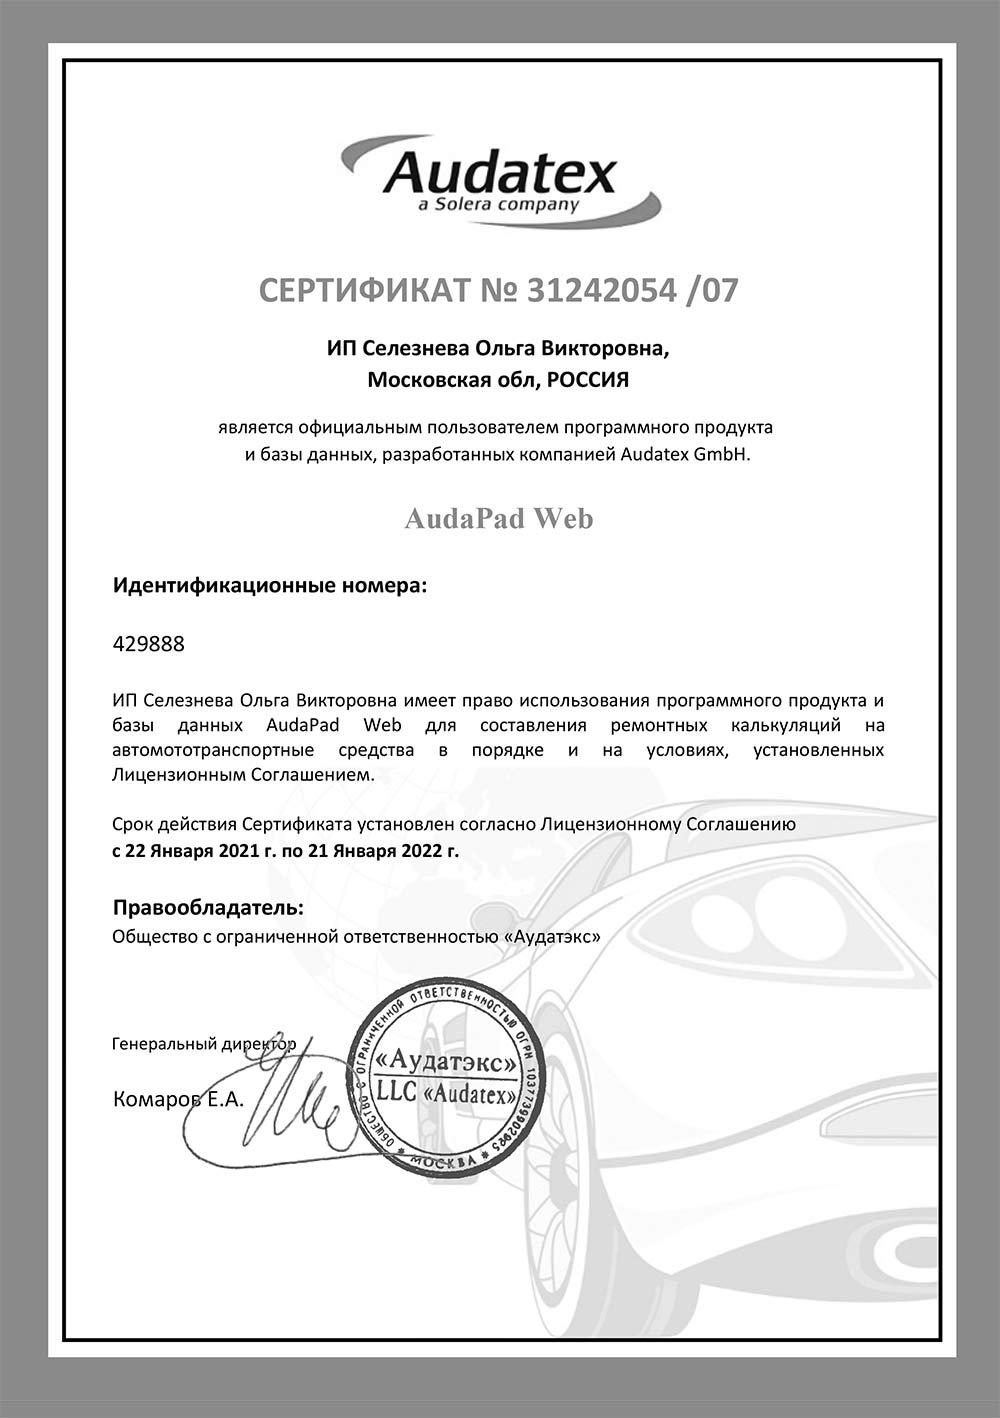 Сертификат Audatex на использование программного продукта и базы данных AudaPad Web